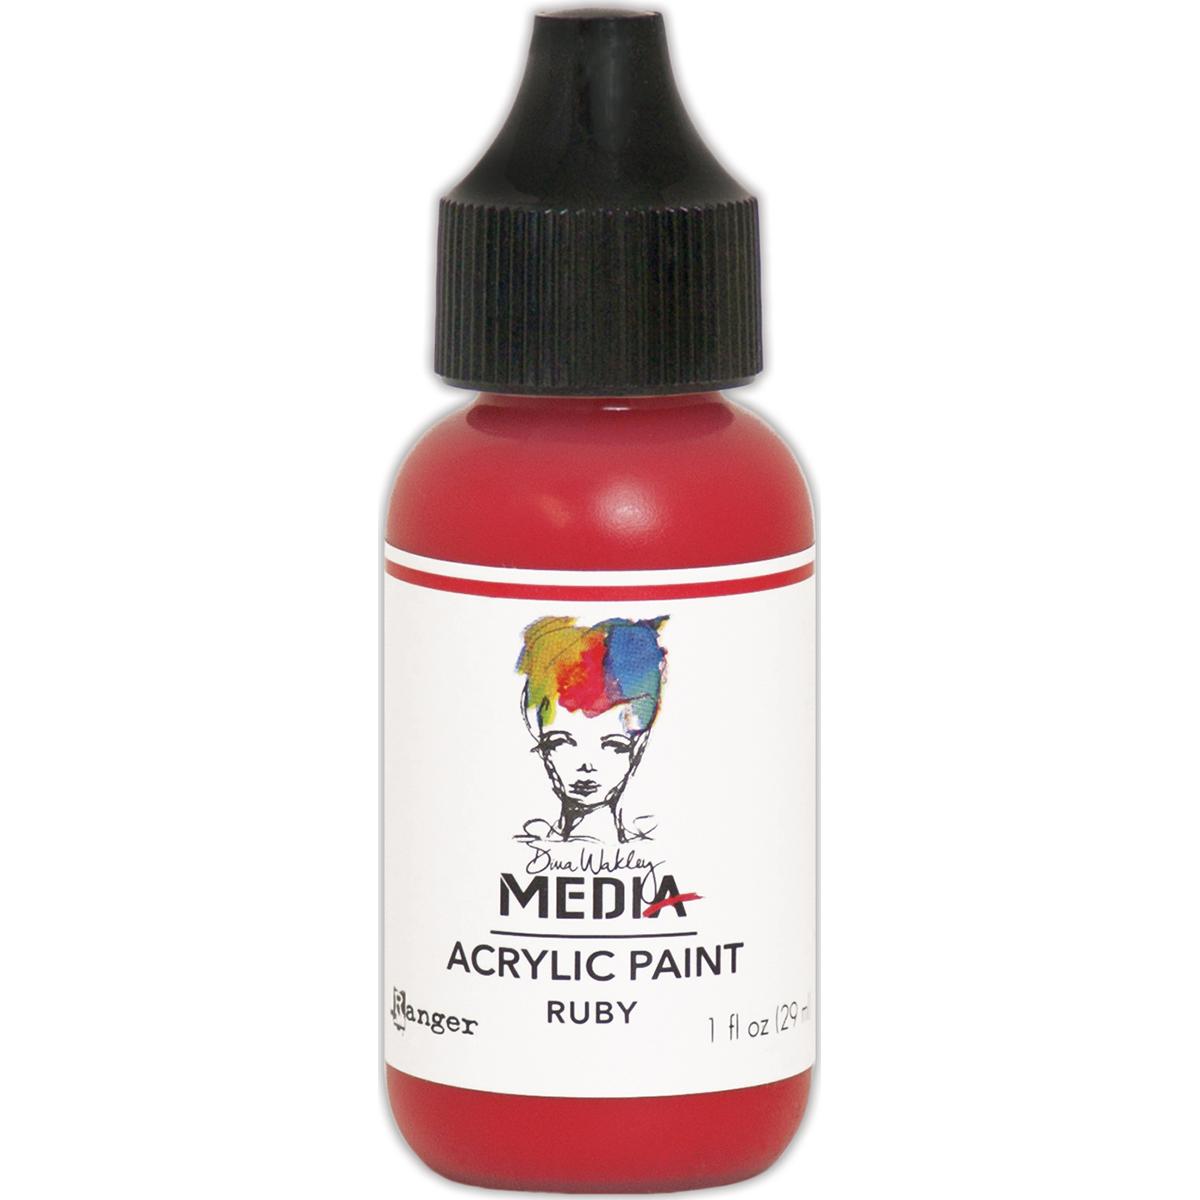 Dina Wakley Media Acrylic Paint 1oz-Ruby